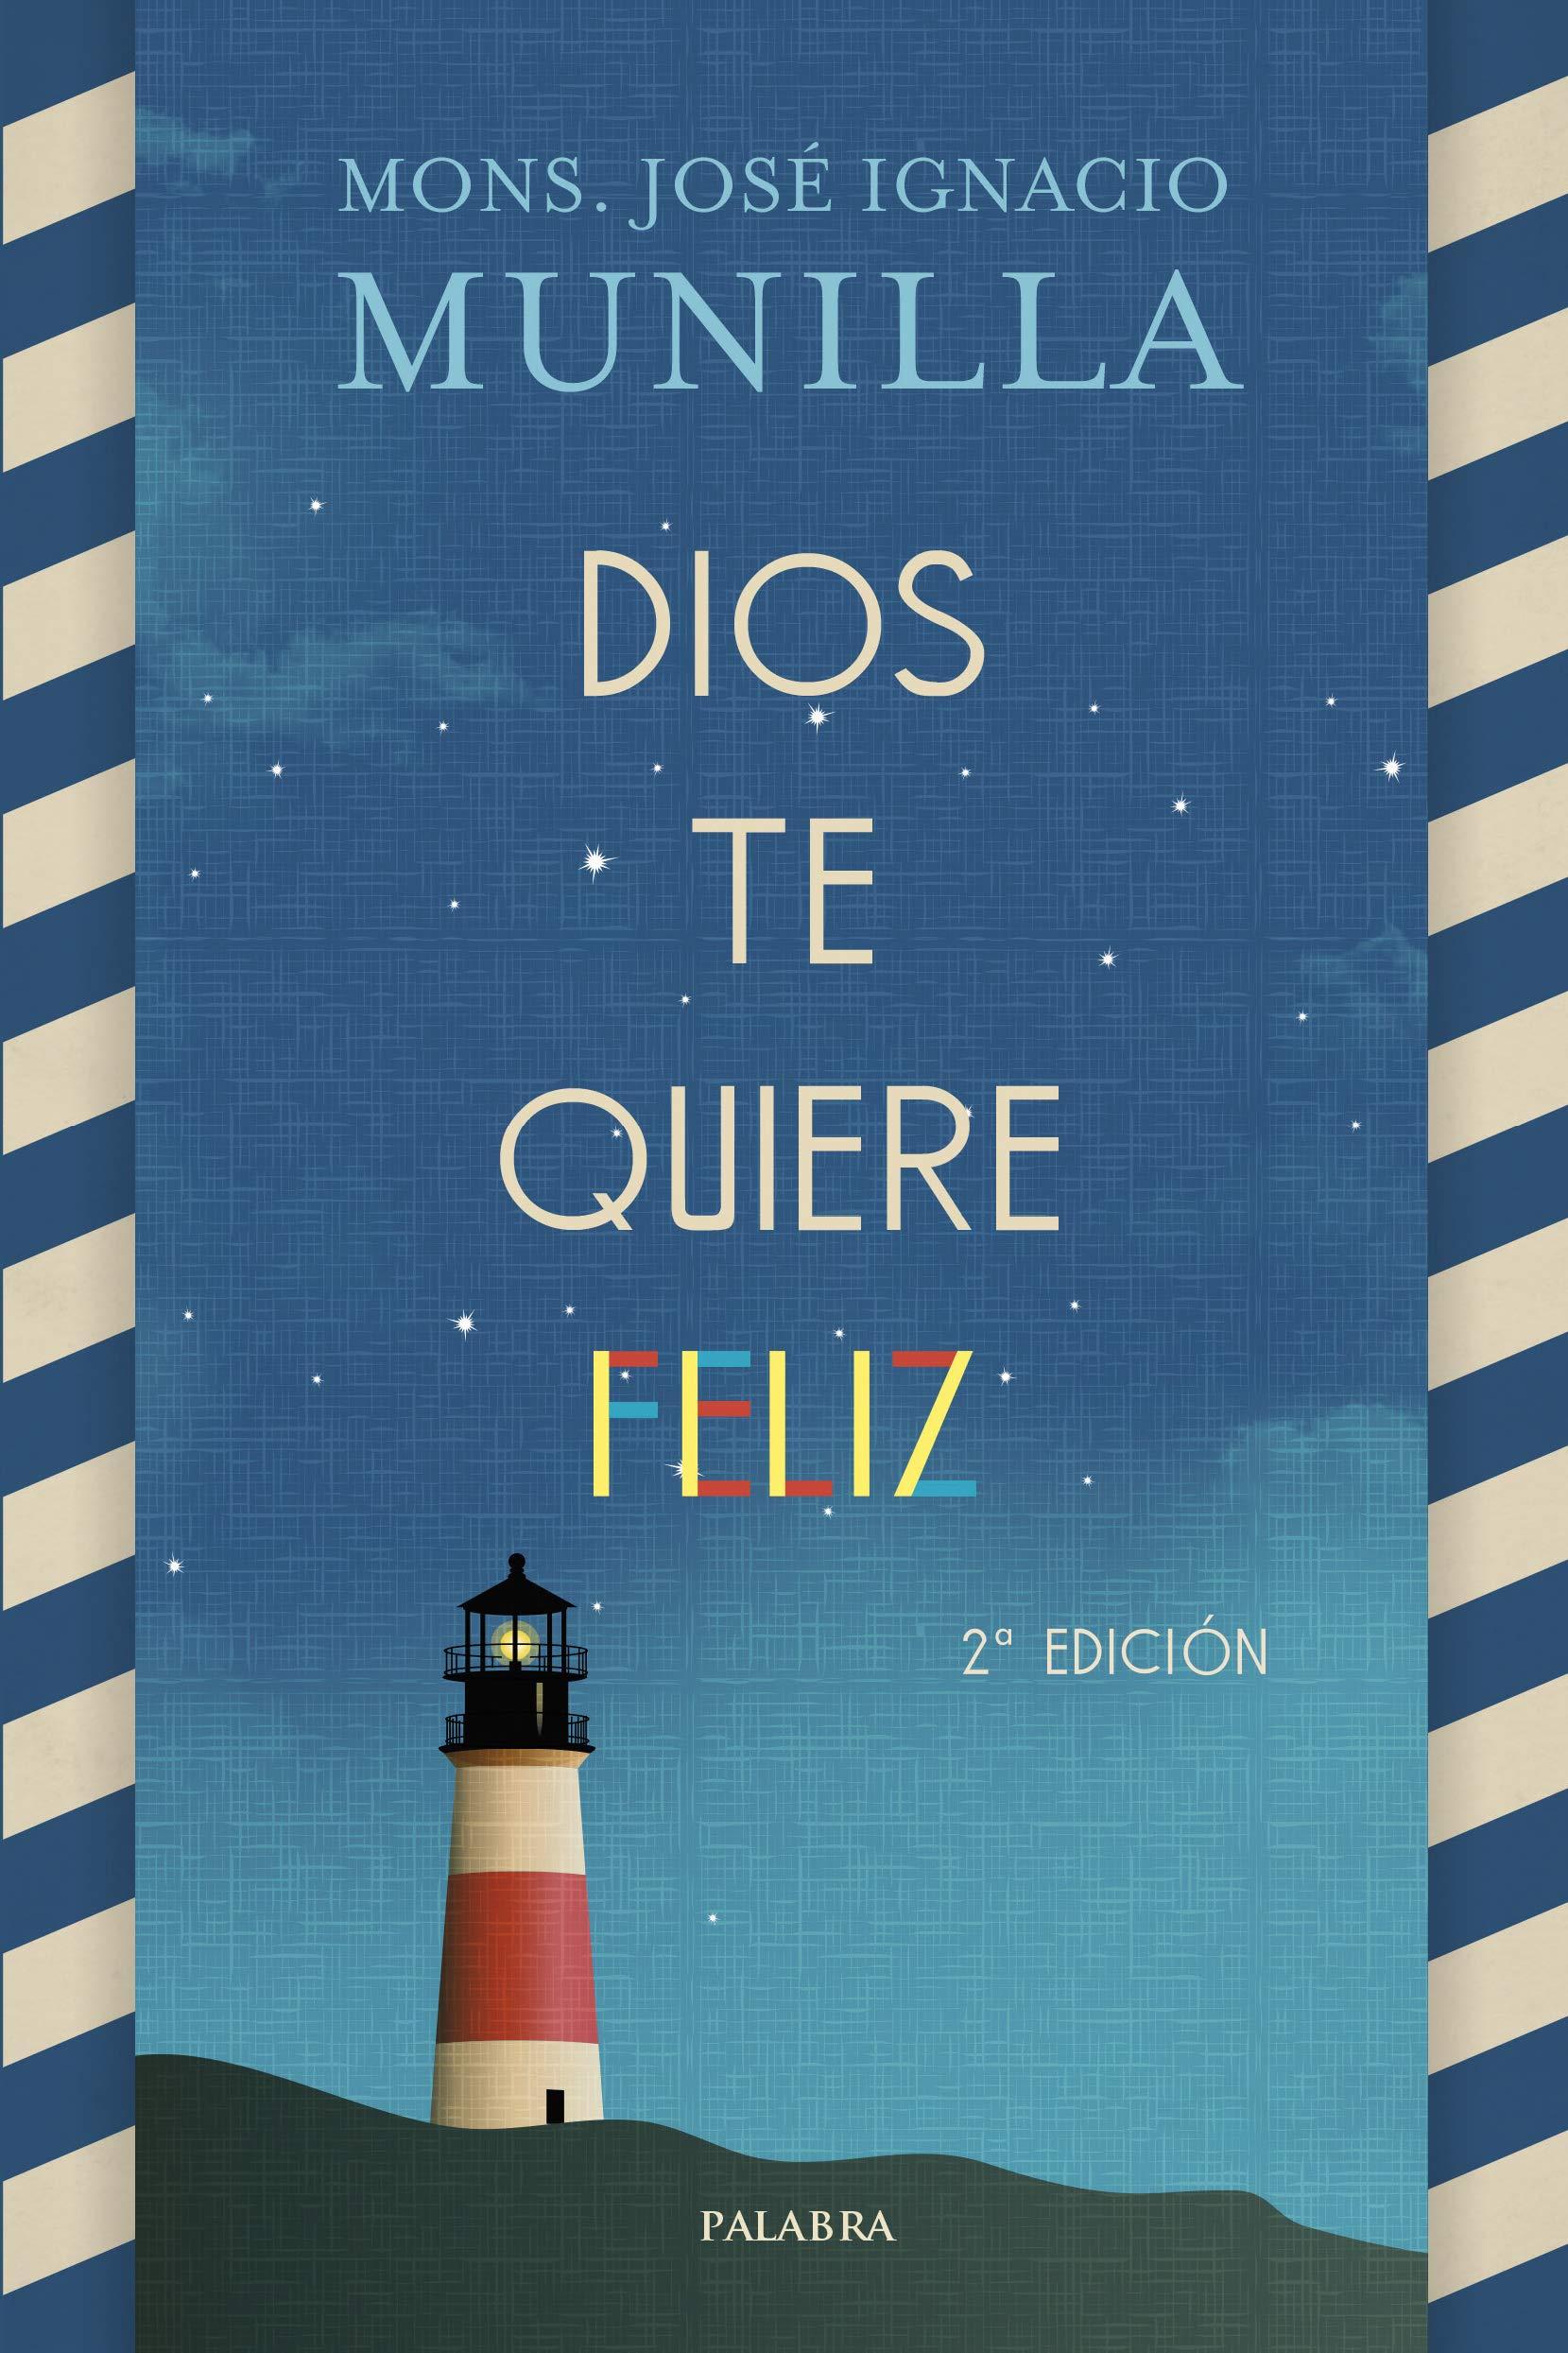 Dios te quiere Feliz (Mundo y cristianismo): Amazon.es: Munilla, Mons. José Ignacio, Moreno Candel, Marta, Ostos García, Raúl, Larrad, Antonio: Libros